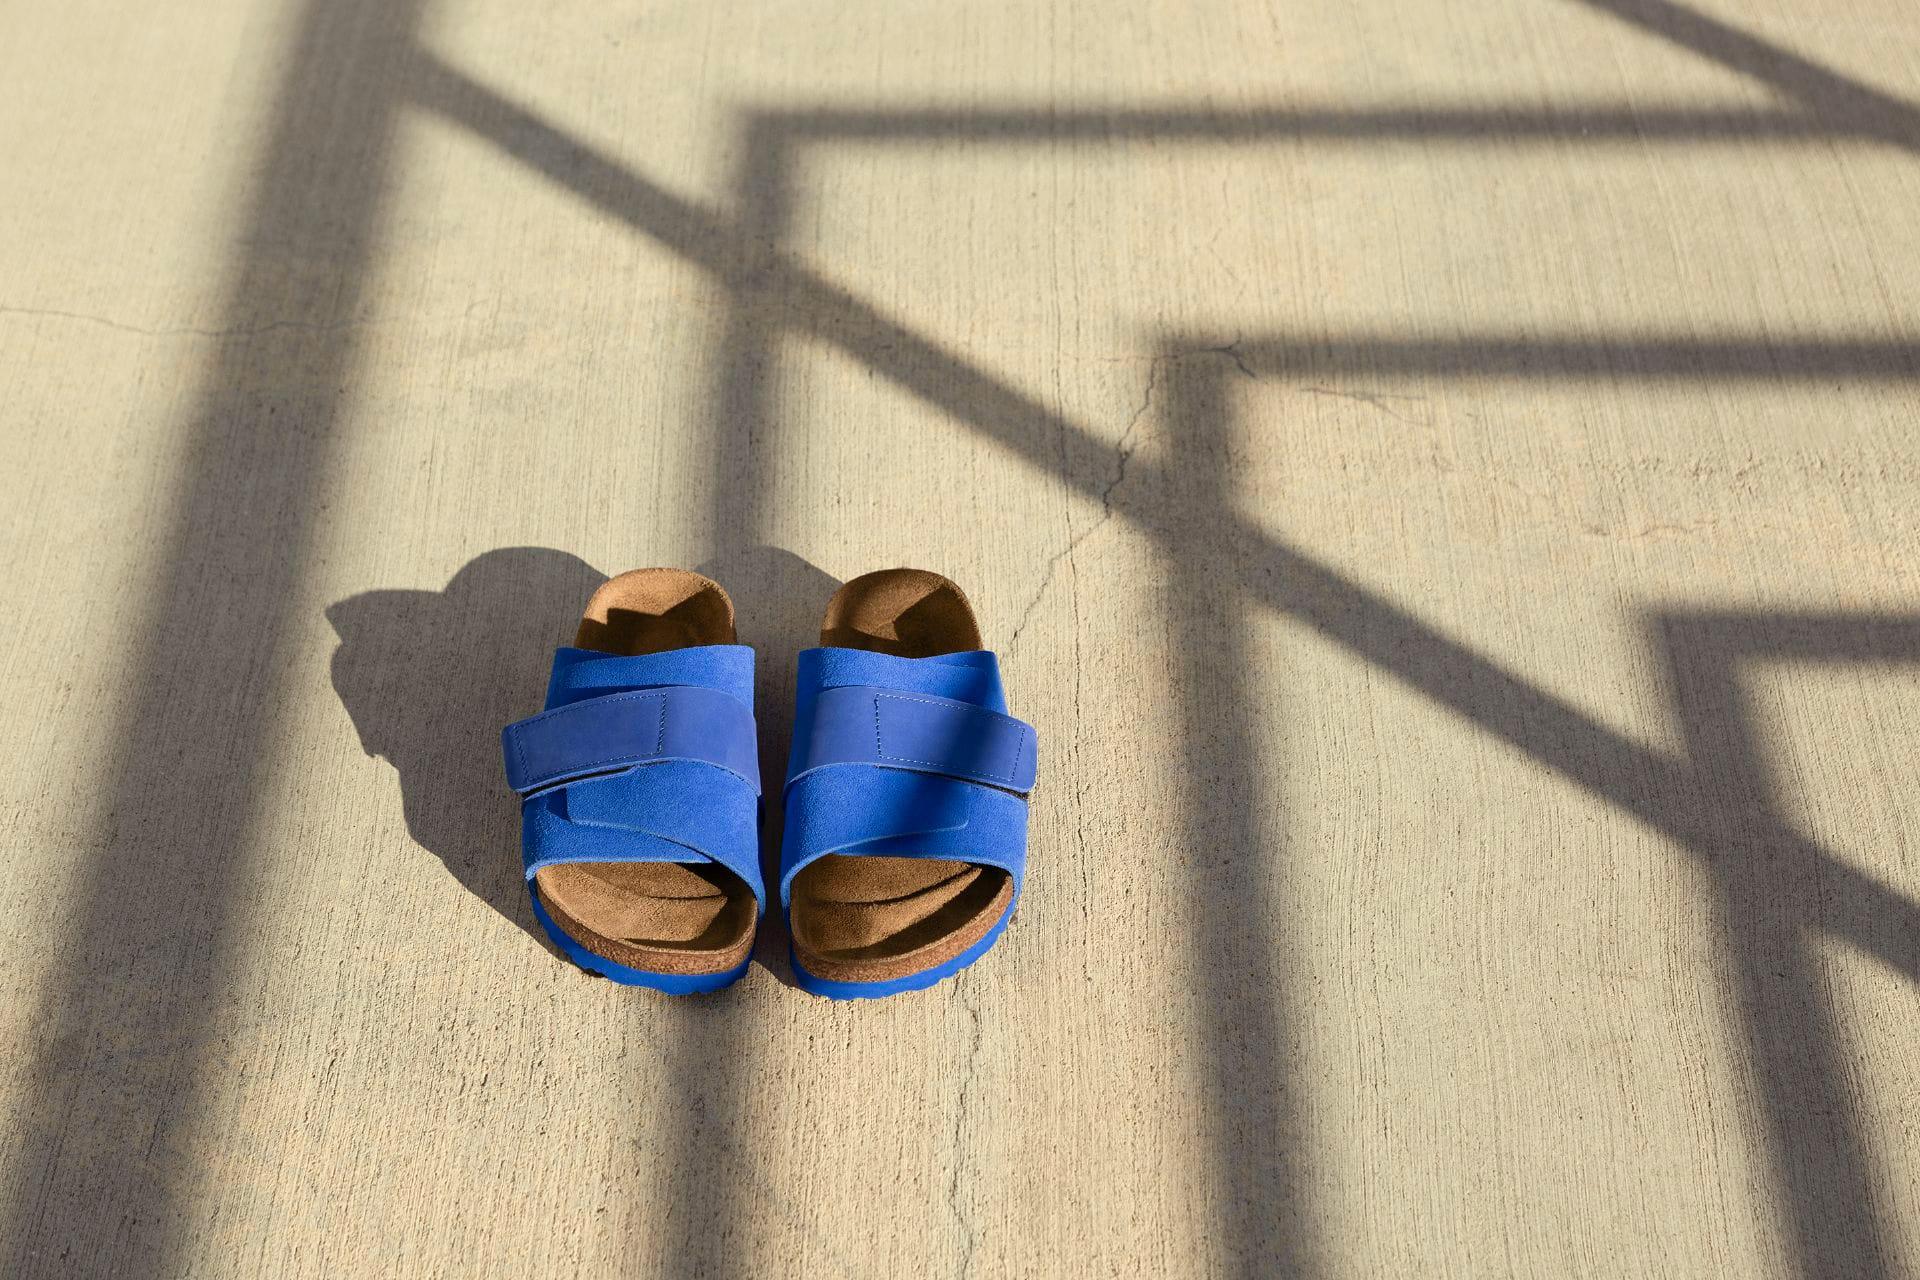 明るい日差しに映える鮮やかなUltra Blue(ウルトラブルー)は2020年春夏コレクションから登場した新色。